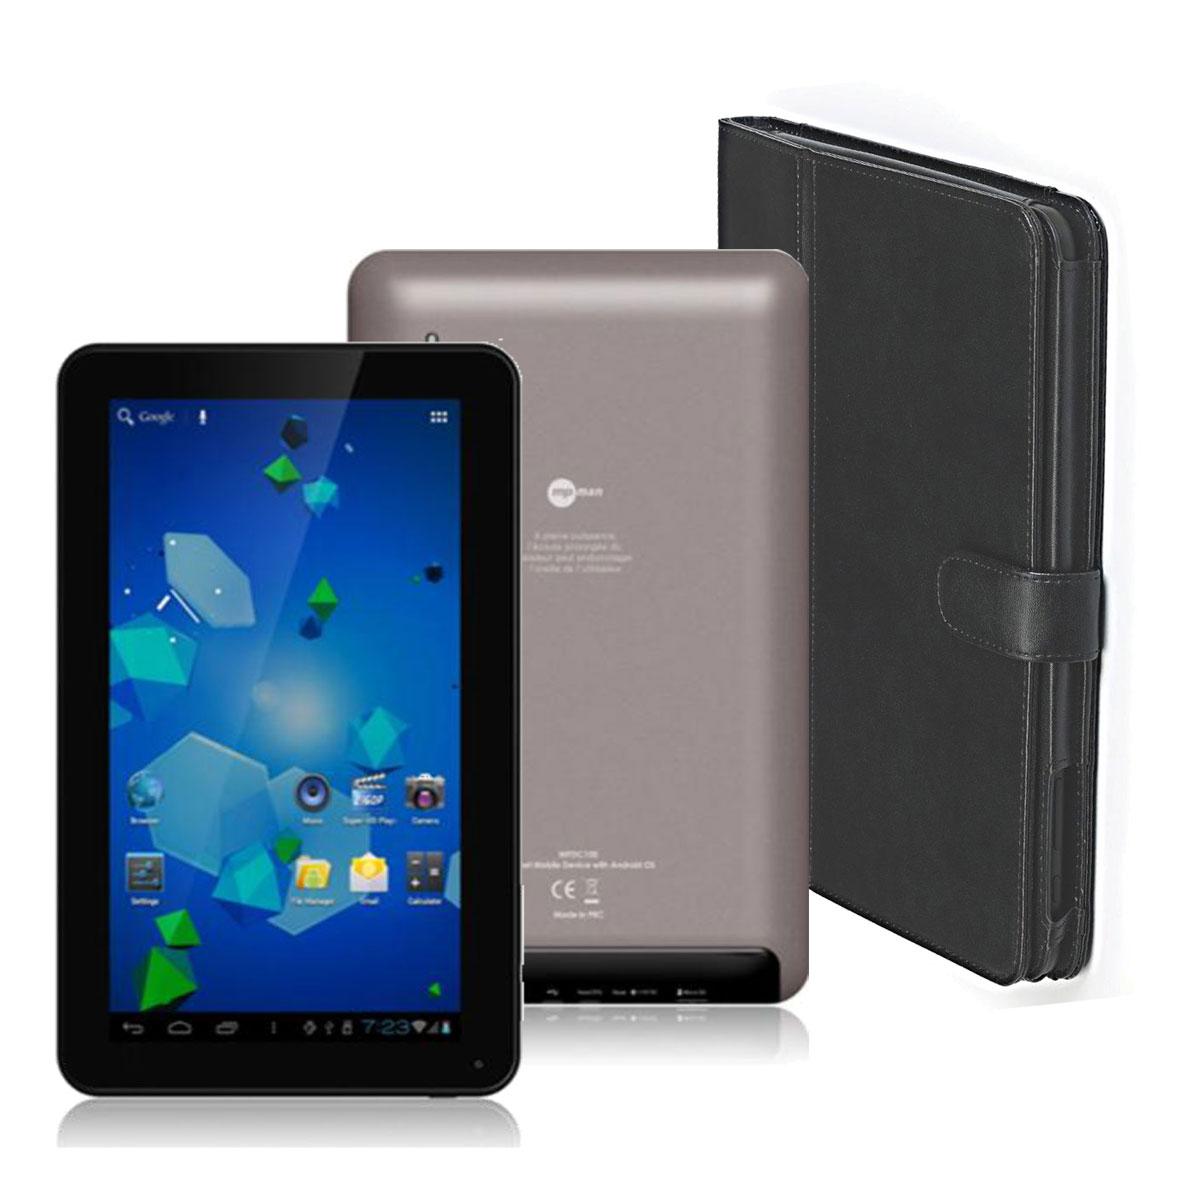 MPMAN MPDC100 BT 4 Go + Etui - Tablette tactile Mp Man sur LDLC.com